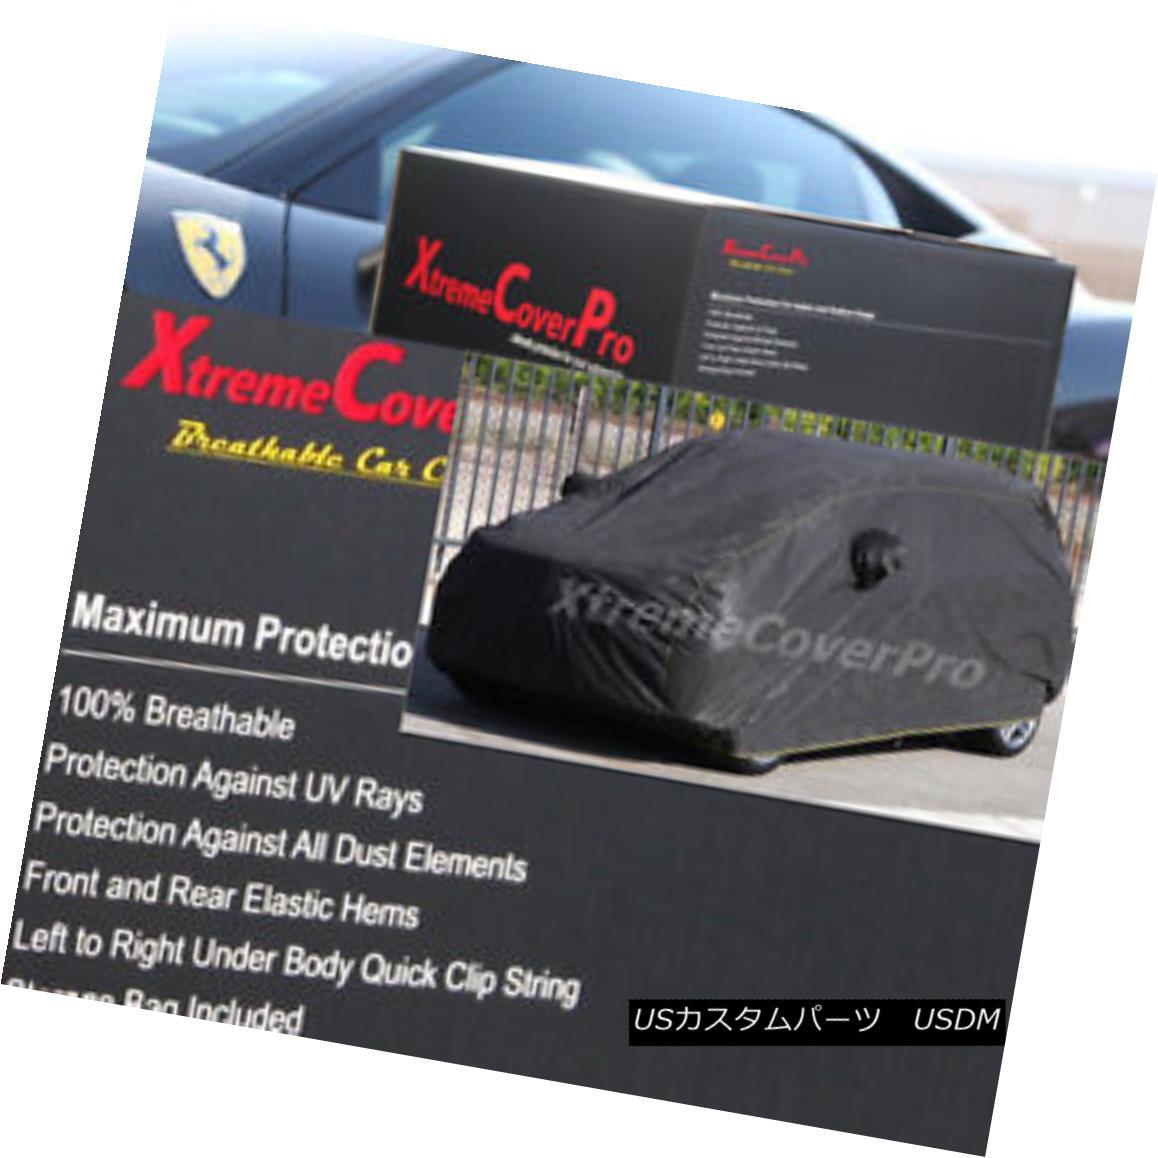 カーカバー 2013 Jeep Wrangler 4Door Unlimited Breathable Car Cover w/MirrorPocket 2013ジープラングラー4ドア無制限通気性の車カバー付きMirrorPocket